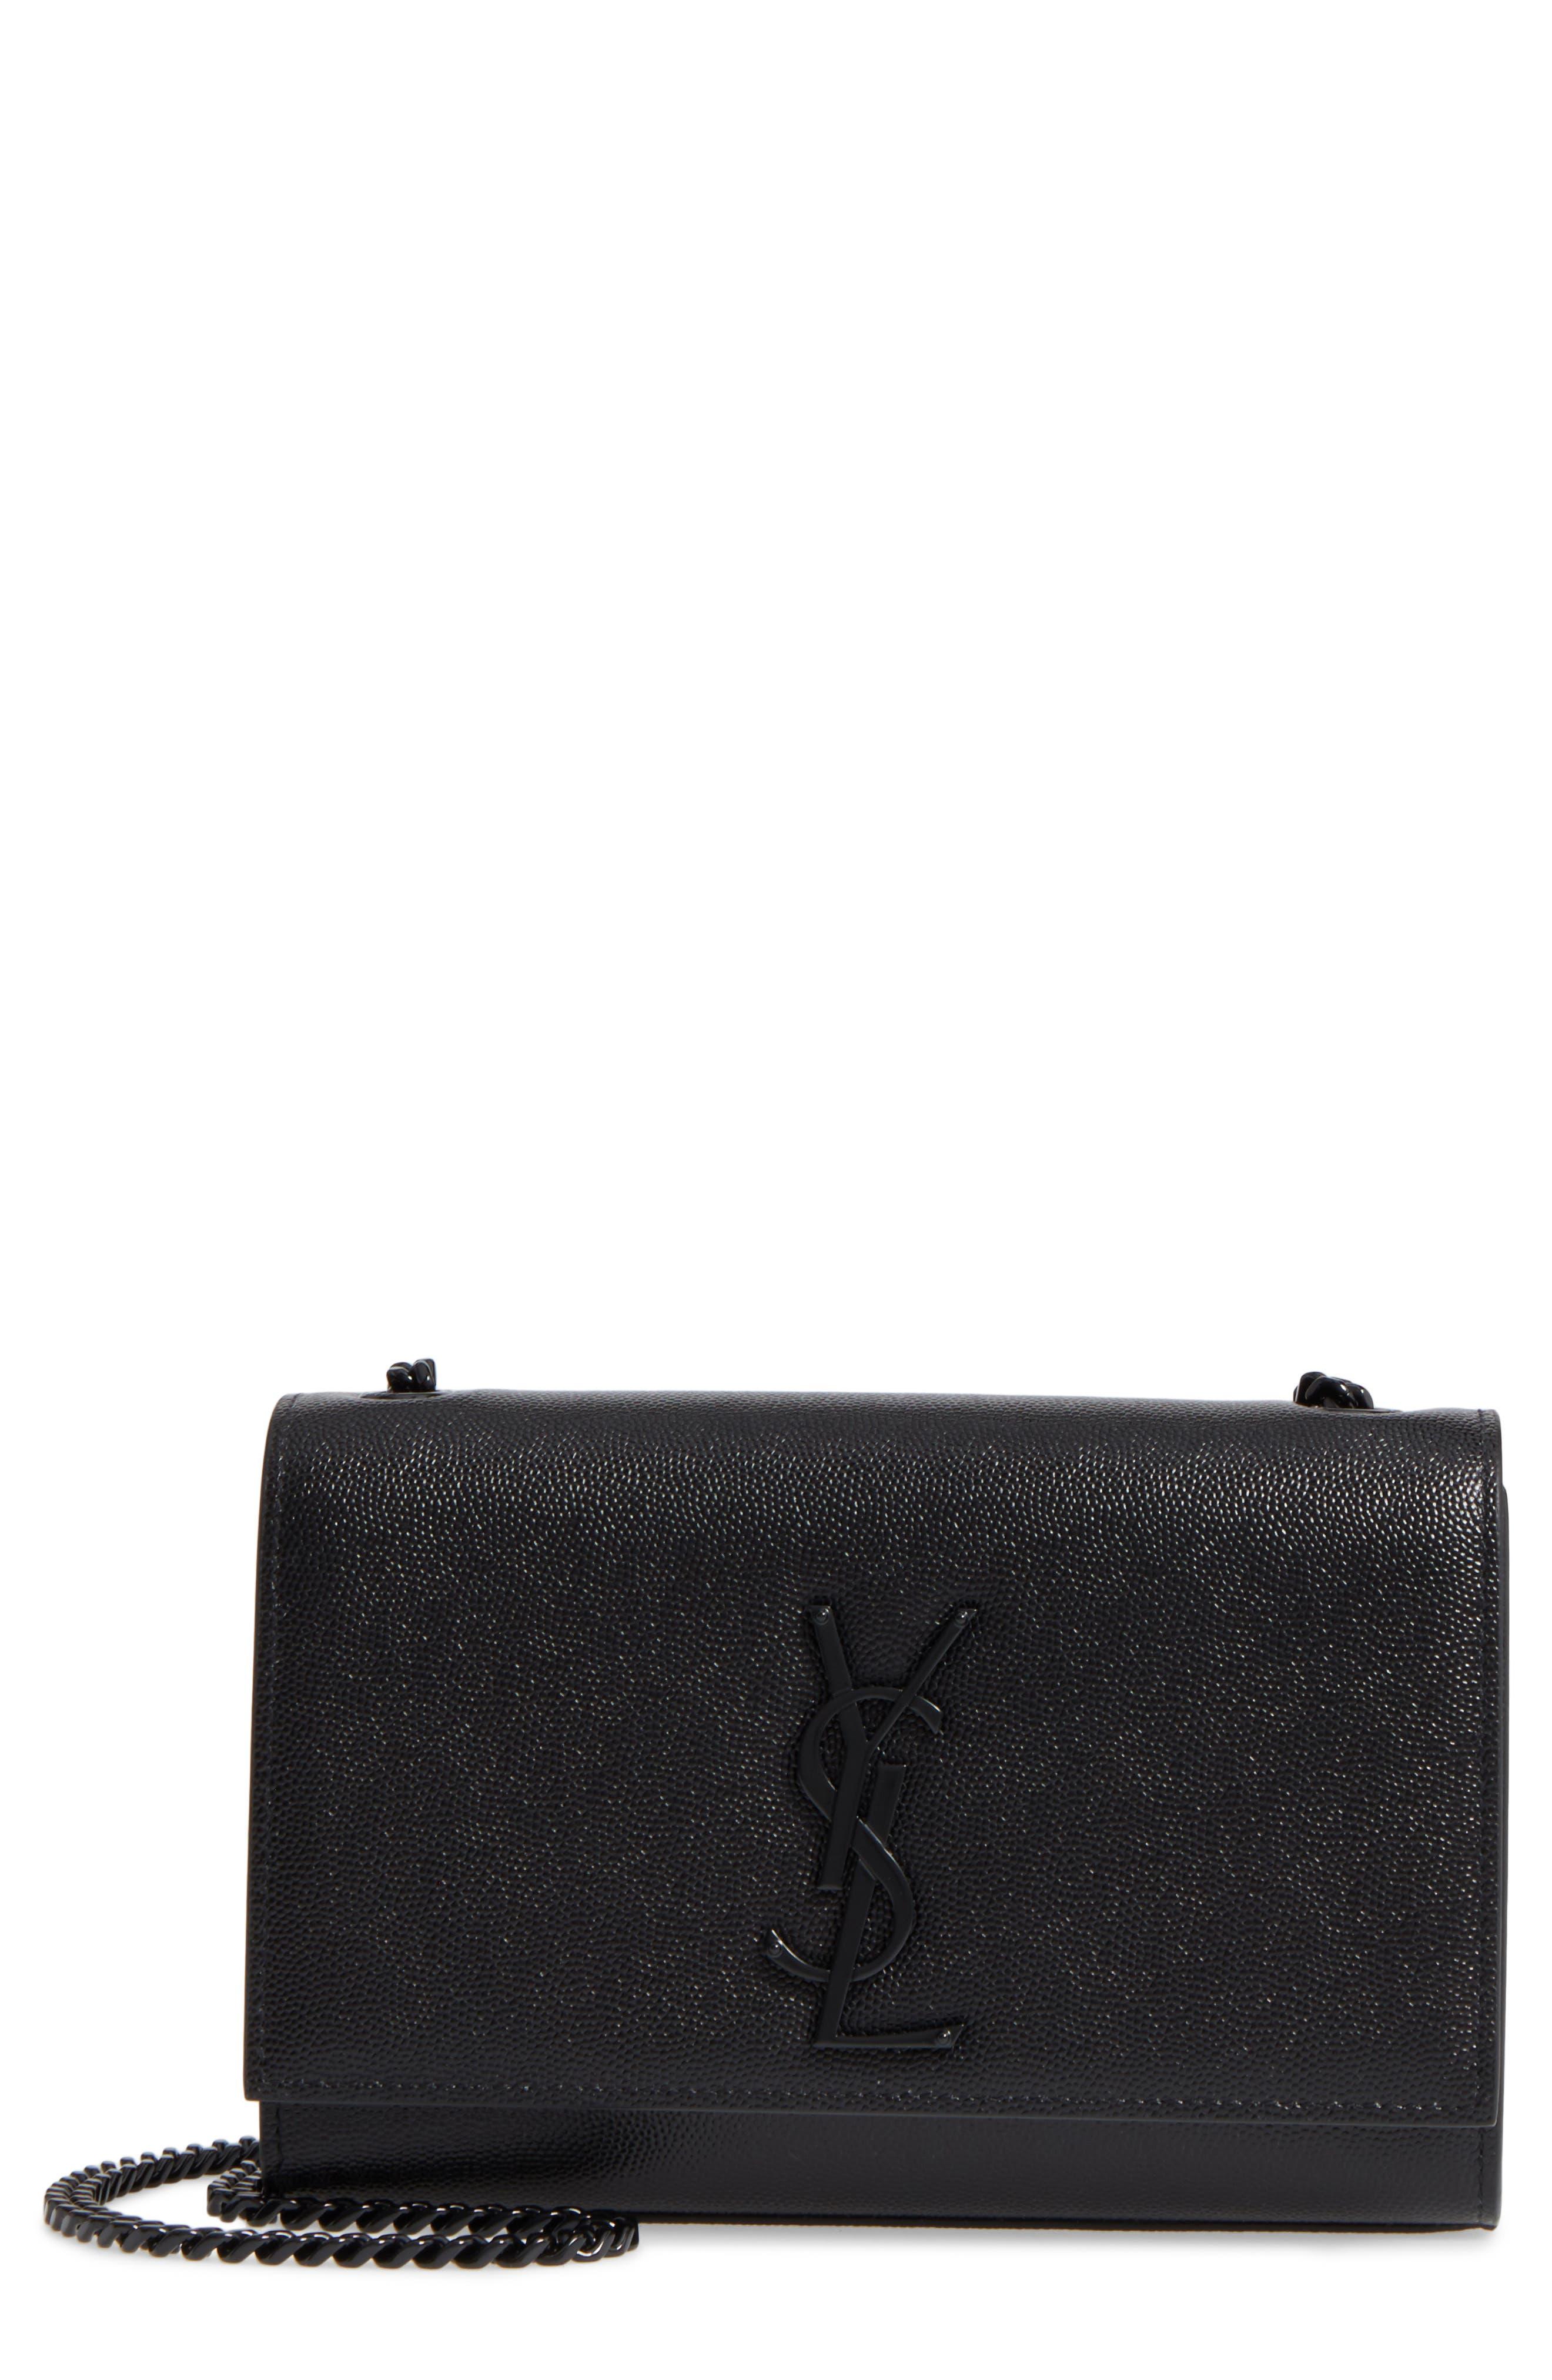 SAINT LAURENT, Small Kate Leather Shoulder Bag, Main thumbnail 1, color, BLACK